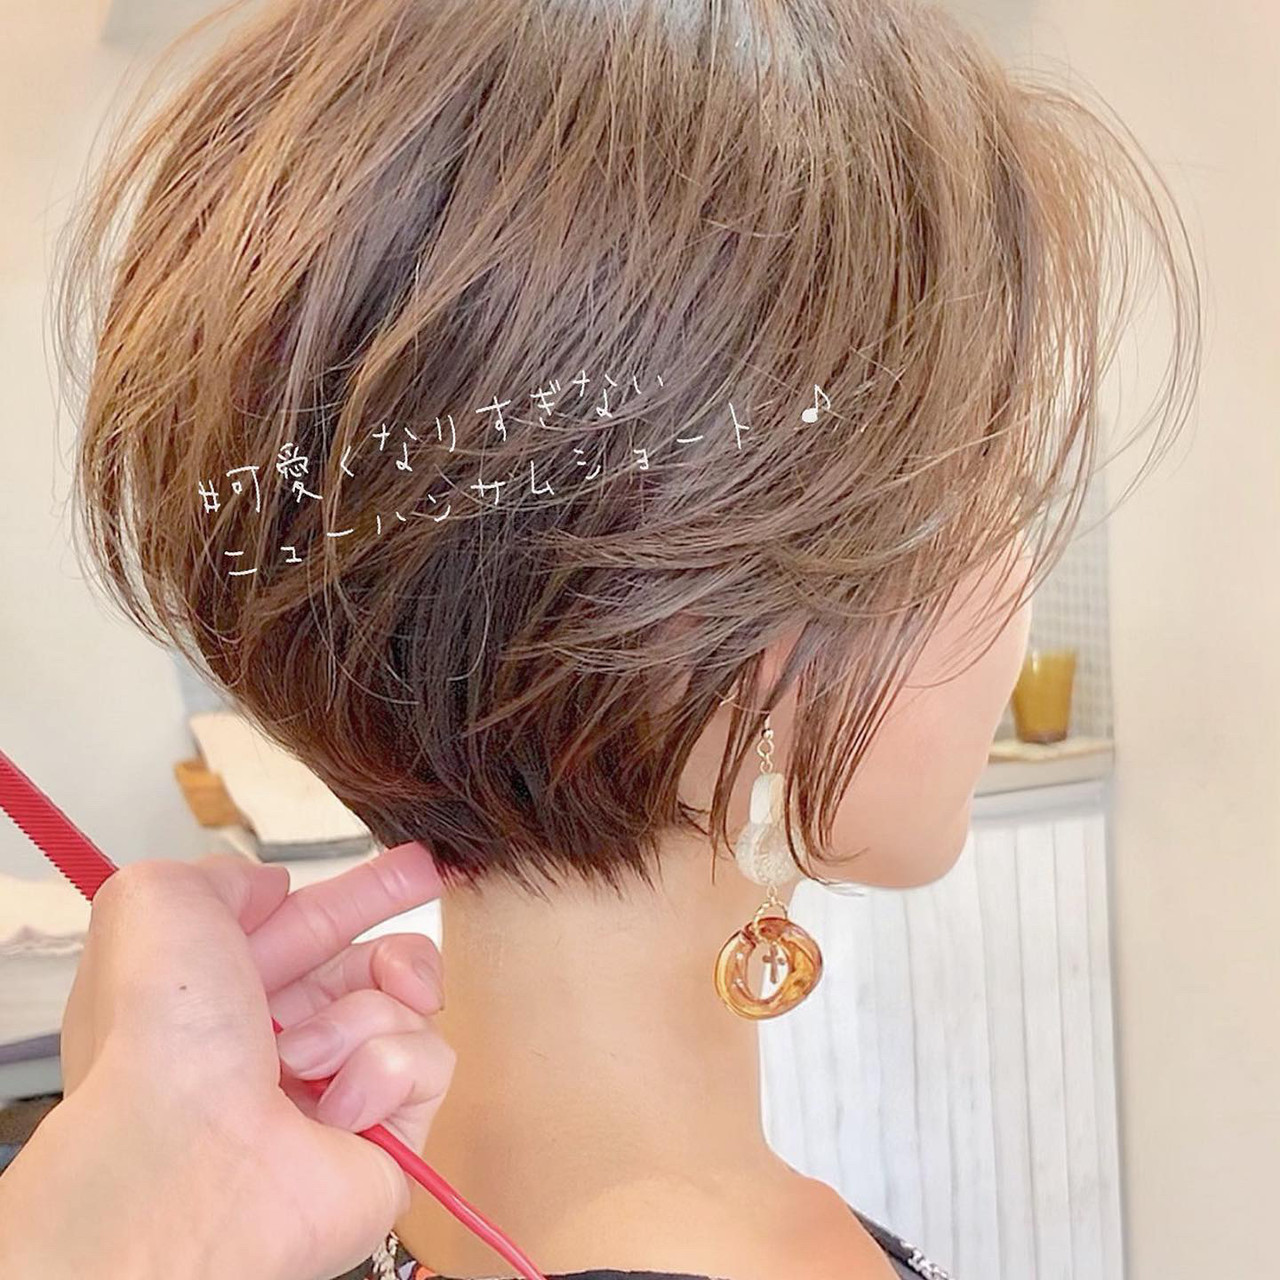 ナチュラル パーティー ショート ゆるふわ ヘアスタイルや髪型の写真・画像 | ショートボブの匠【 山内大成 】『i.hair』 / 『 i. 』 omotesando